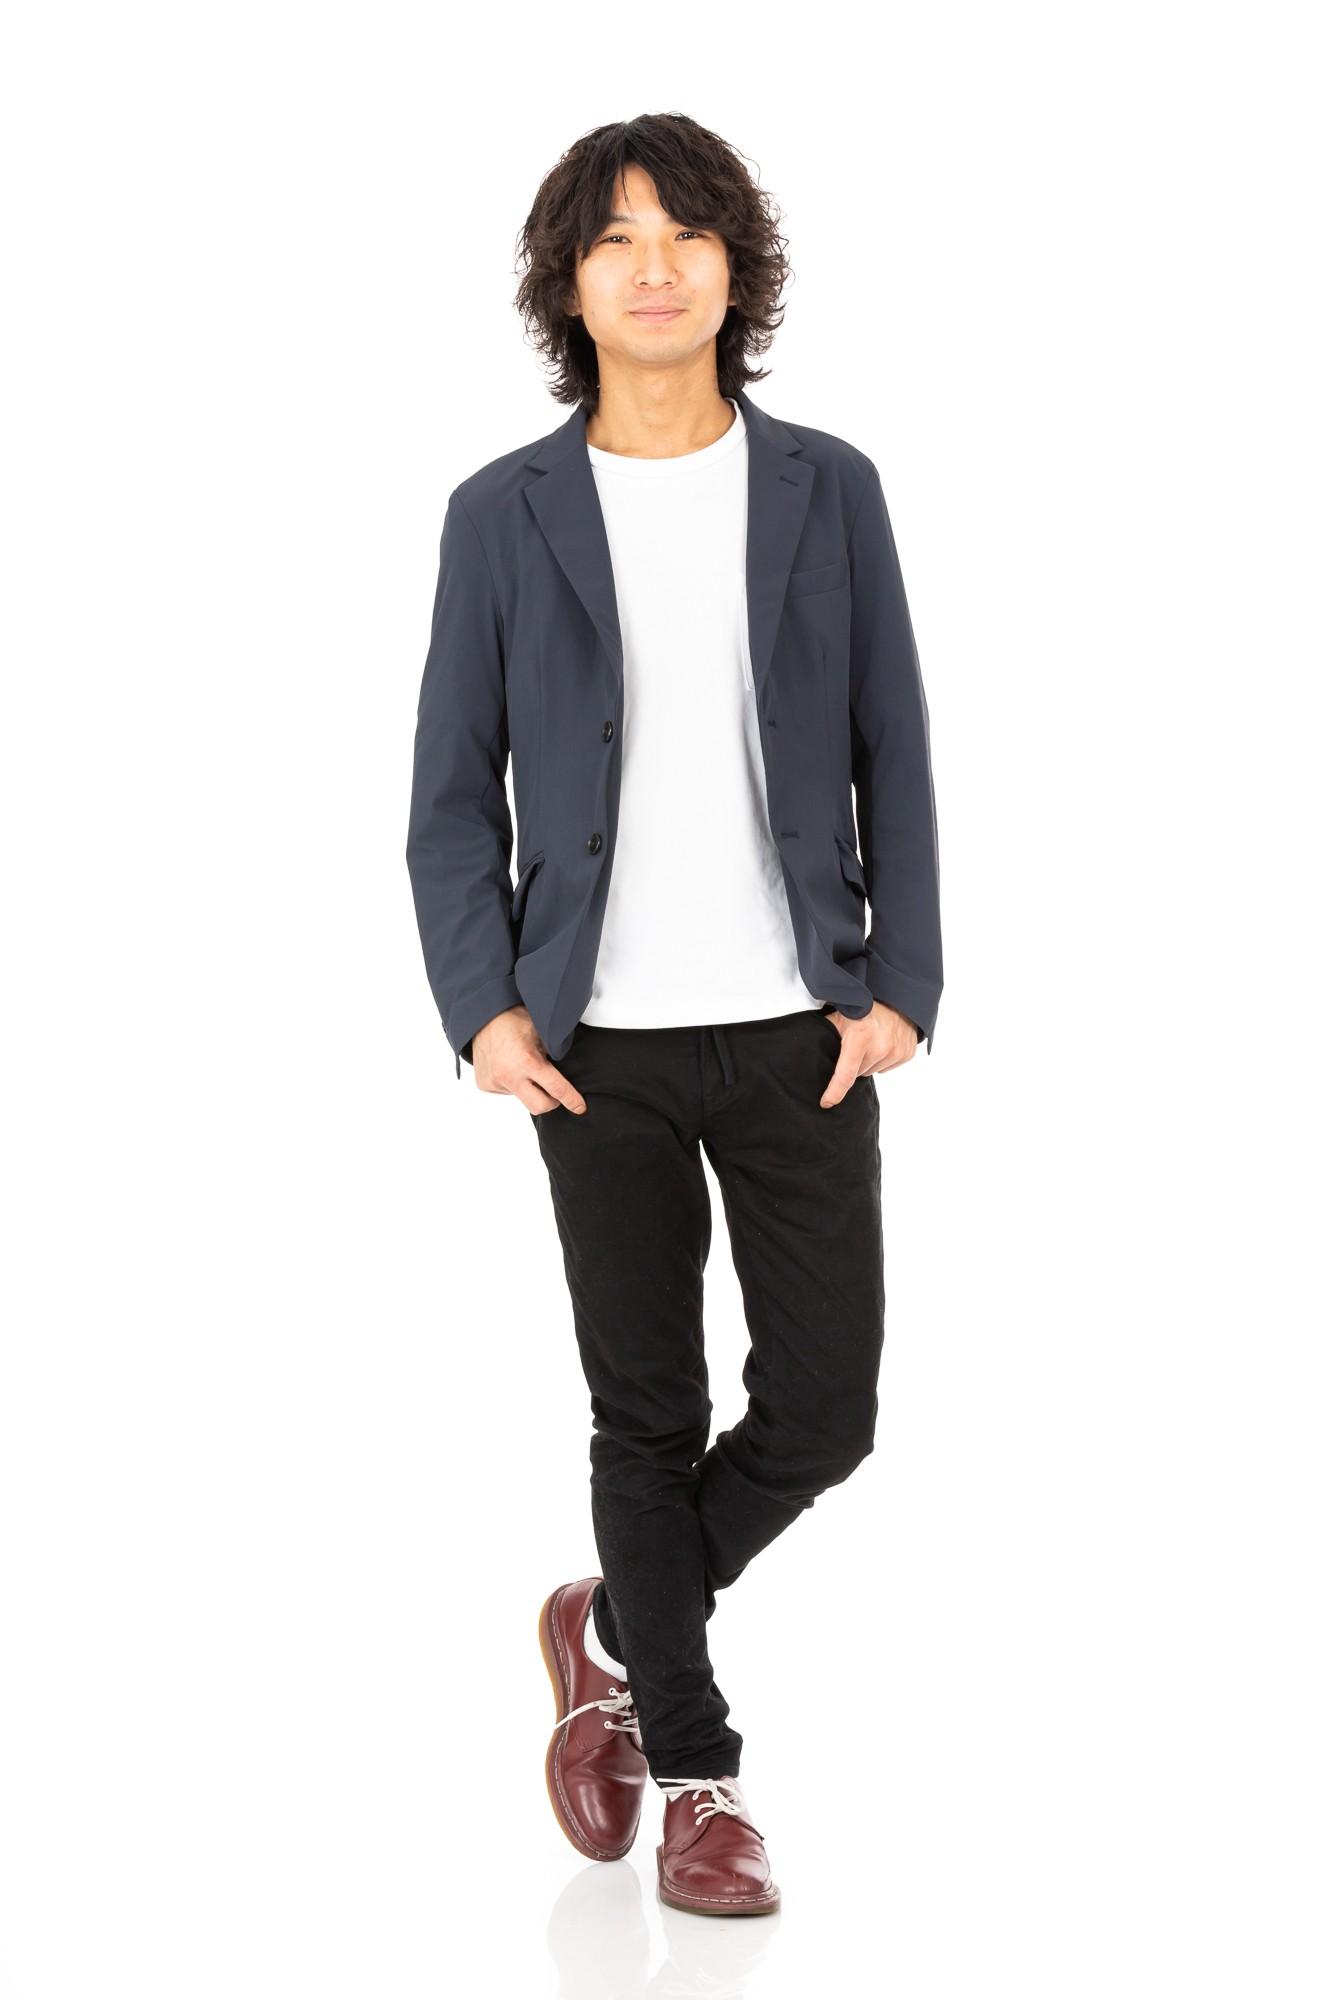 中野健二,KenjiNakano